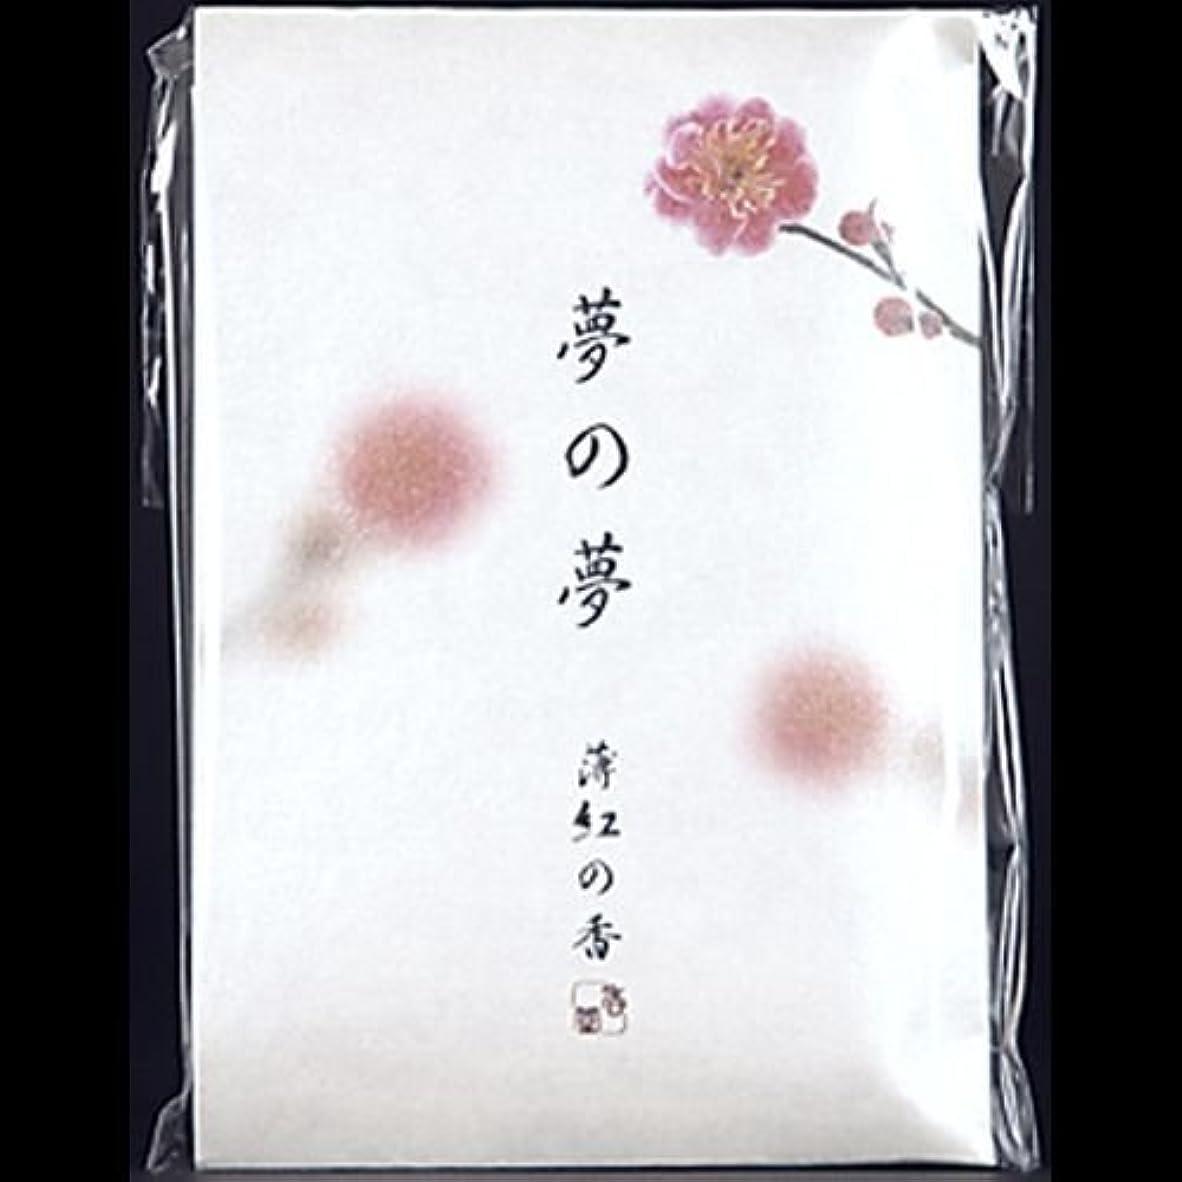 船酔い汚染された絶対に【まとめ買い】夢の夢 薄紅の香 (梅) スティック12本入 ×2セット